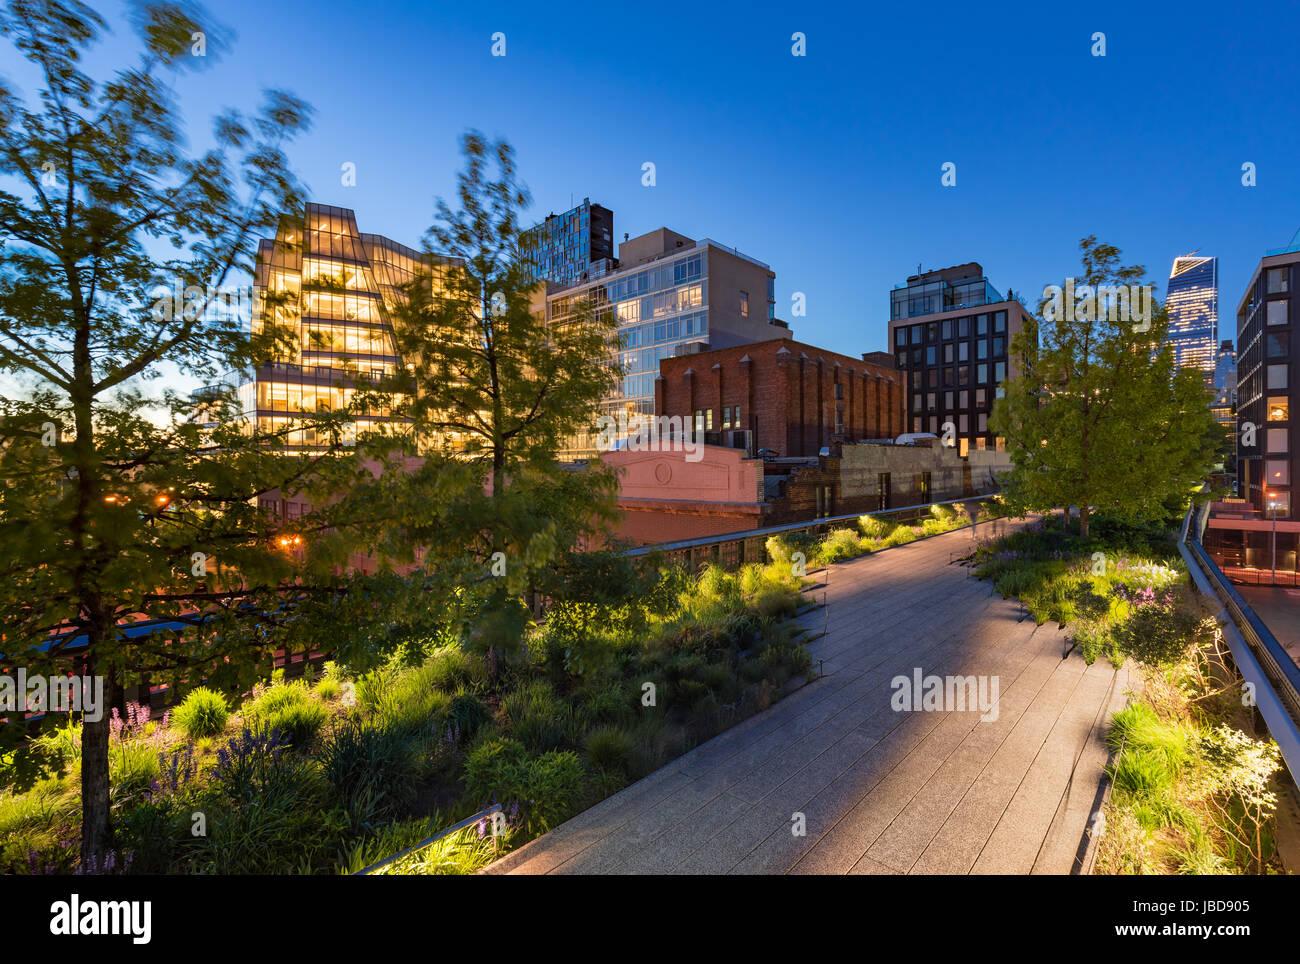 Le parc High Line Highline (Greenway) antenne au crépuscule en été. Chelsea, Manhattan, New York Photo Stock